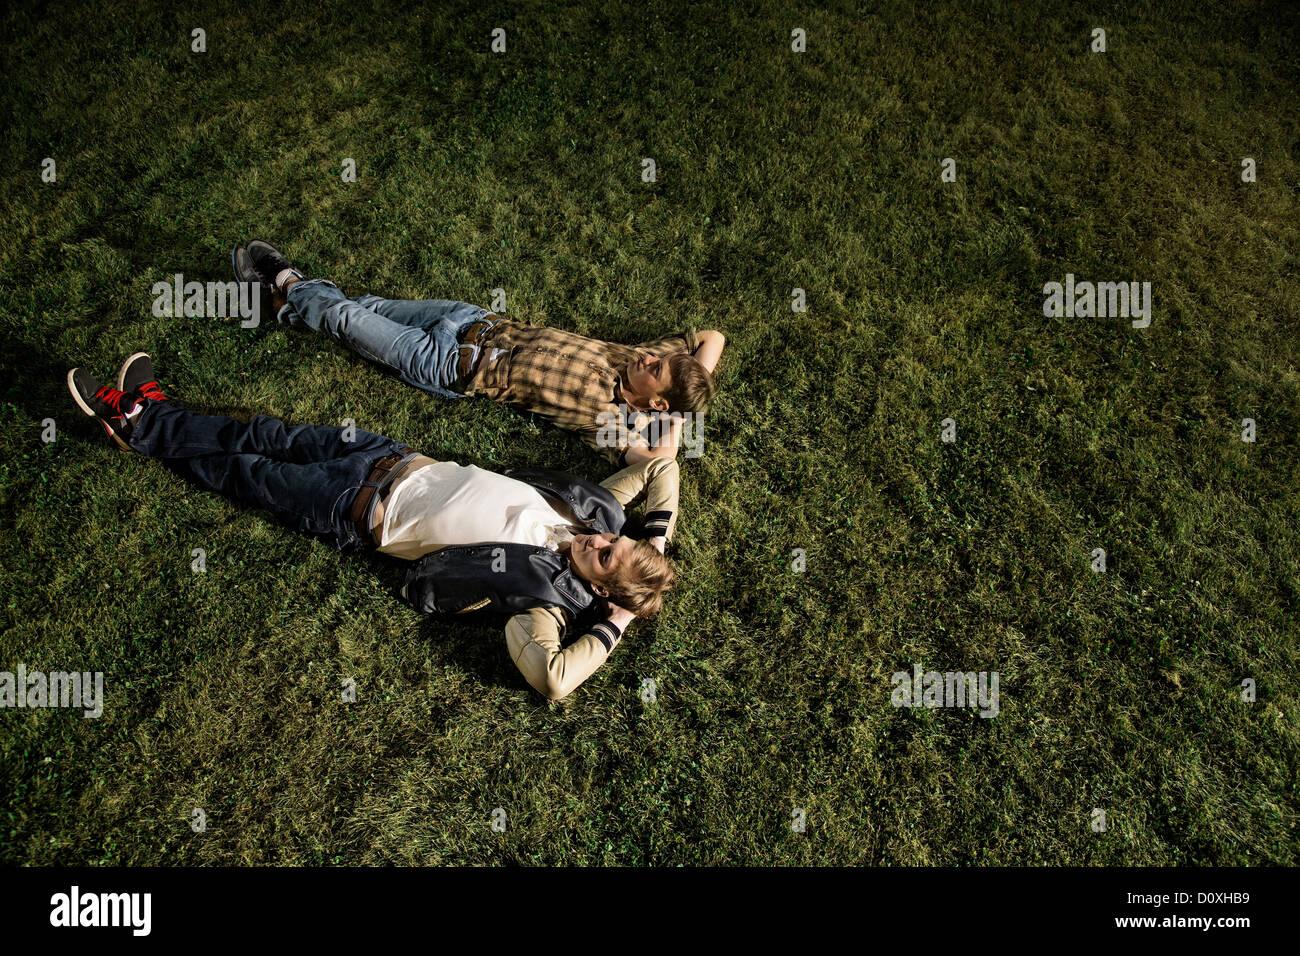 Deux jeunes hommes couchés sur l'herbe la nuit, high angle Photo Stock